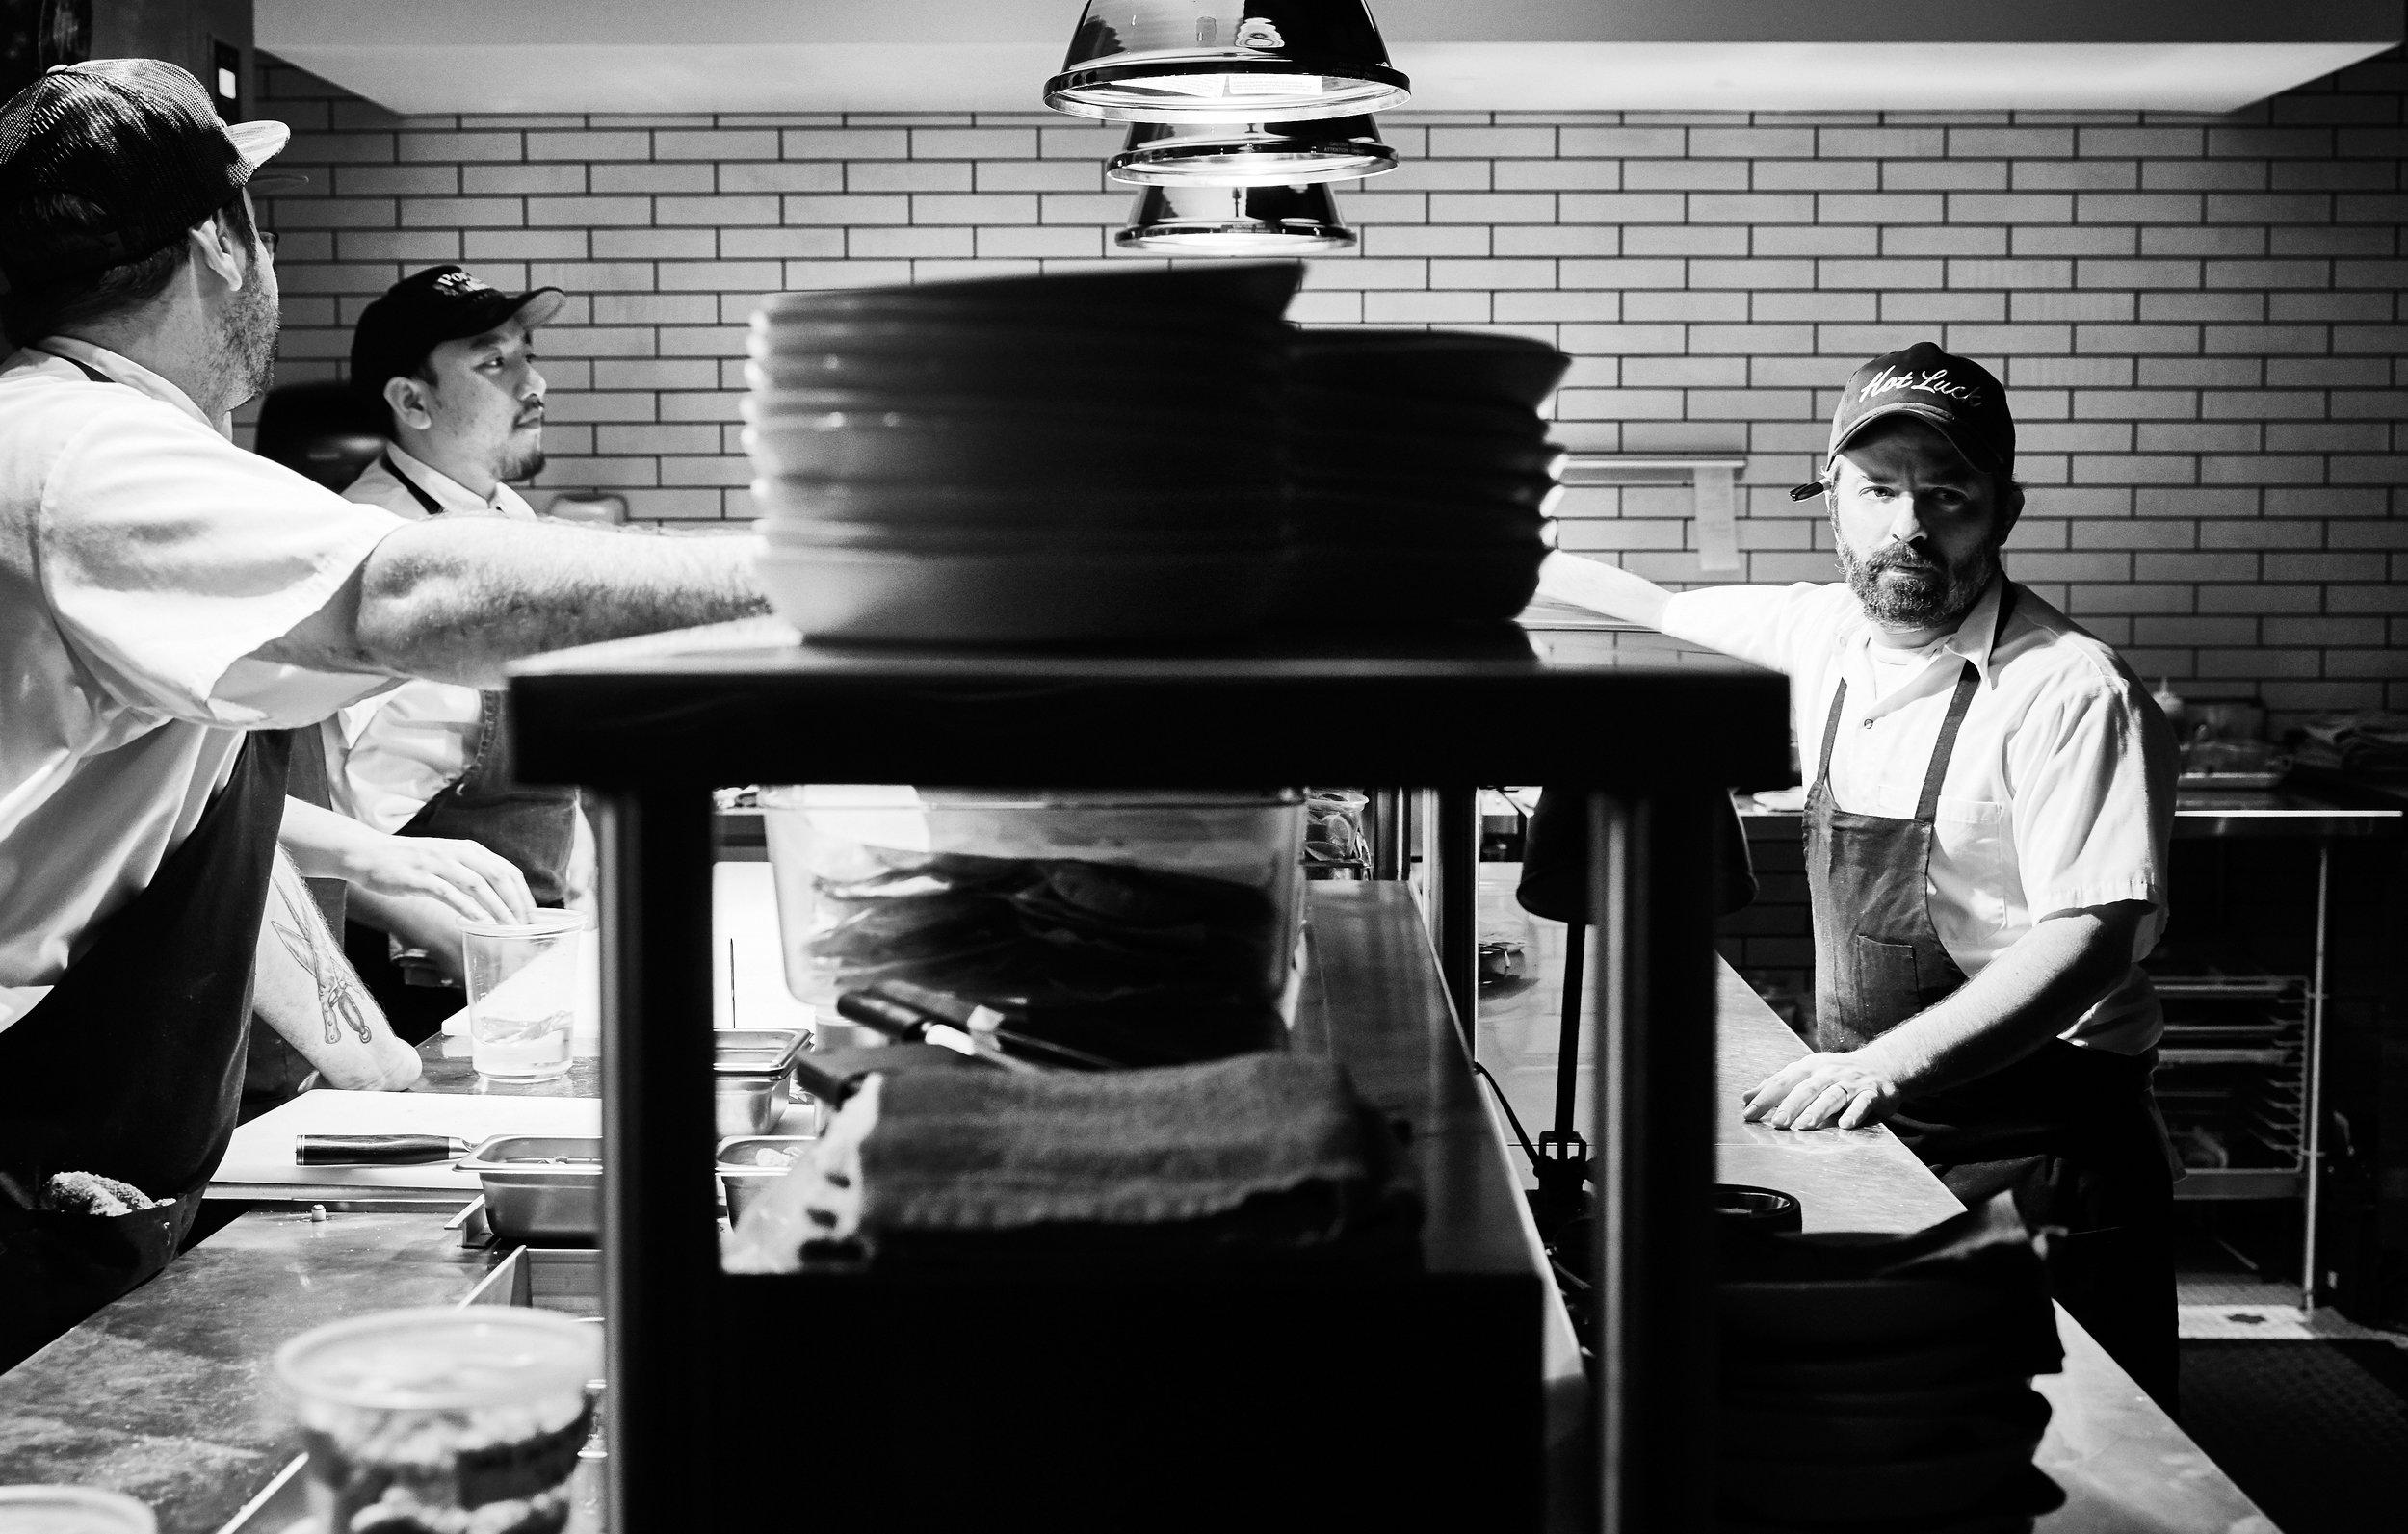 CH_Bullard_Restaurant_Portland_OR_130.jpg